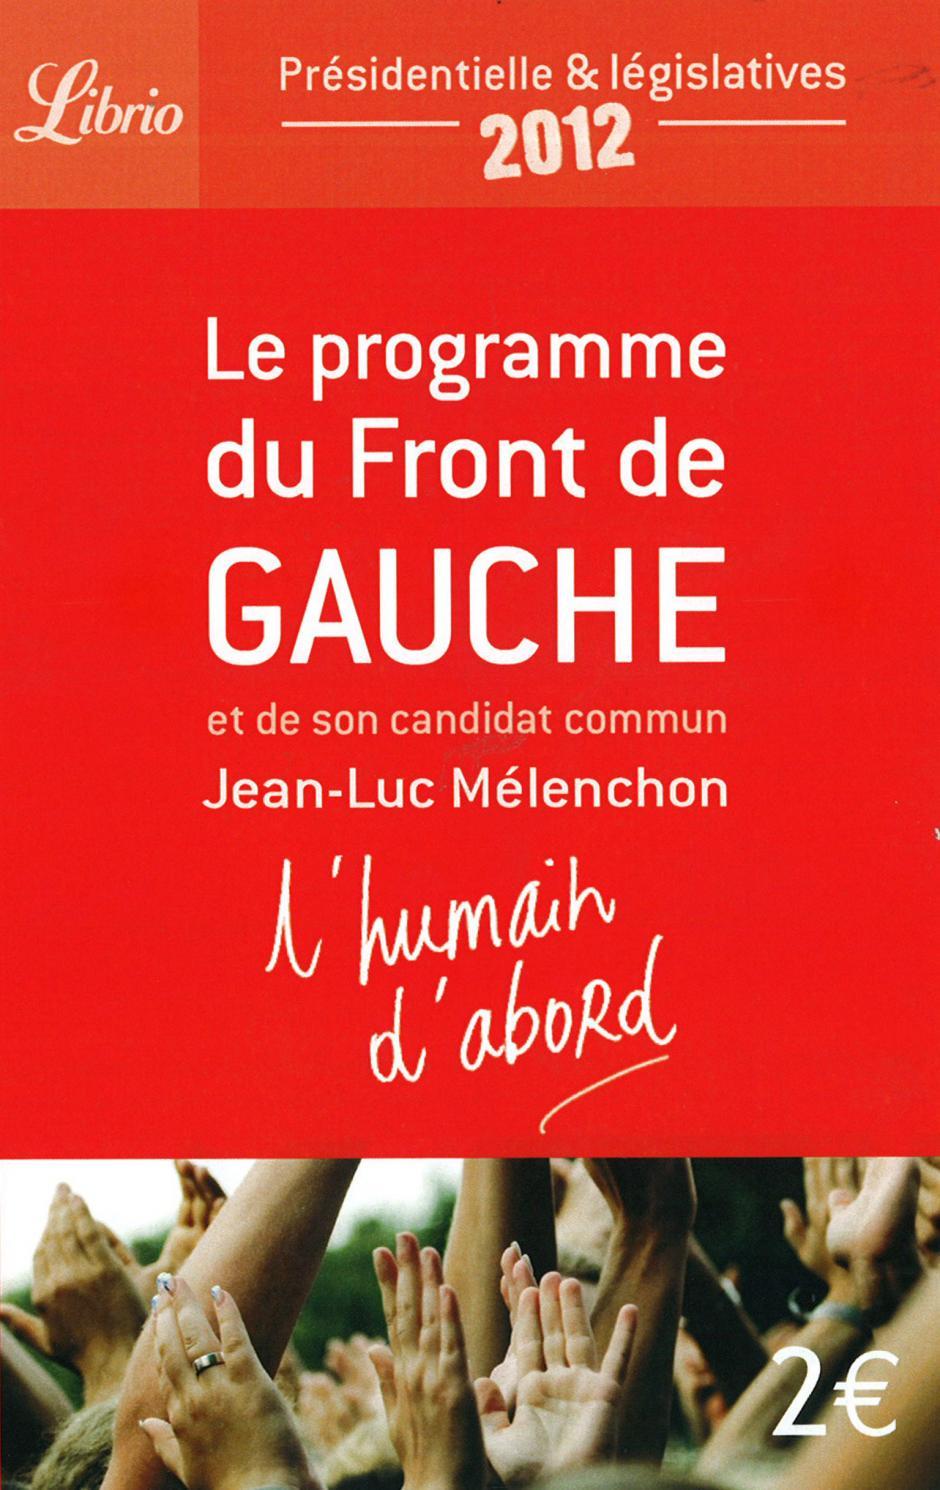 Le programme du Front de gauche en débat  Pour une copropriété des entreprises, Guillaume Etievant, Pierre Nicolas, Pierre Lafourcade*